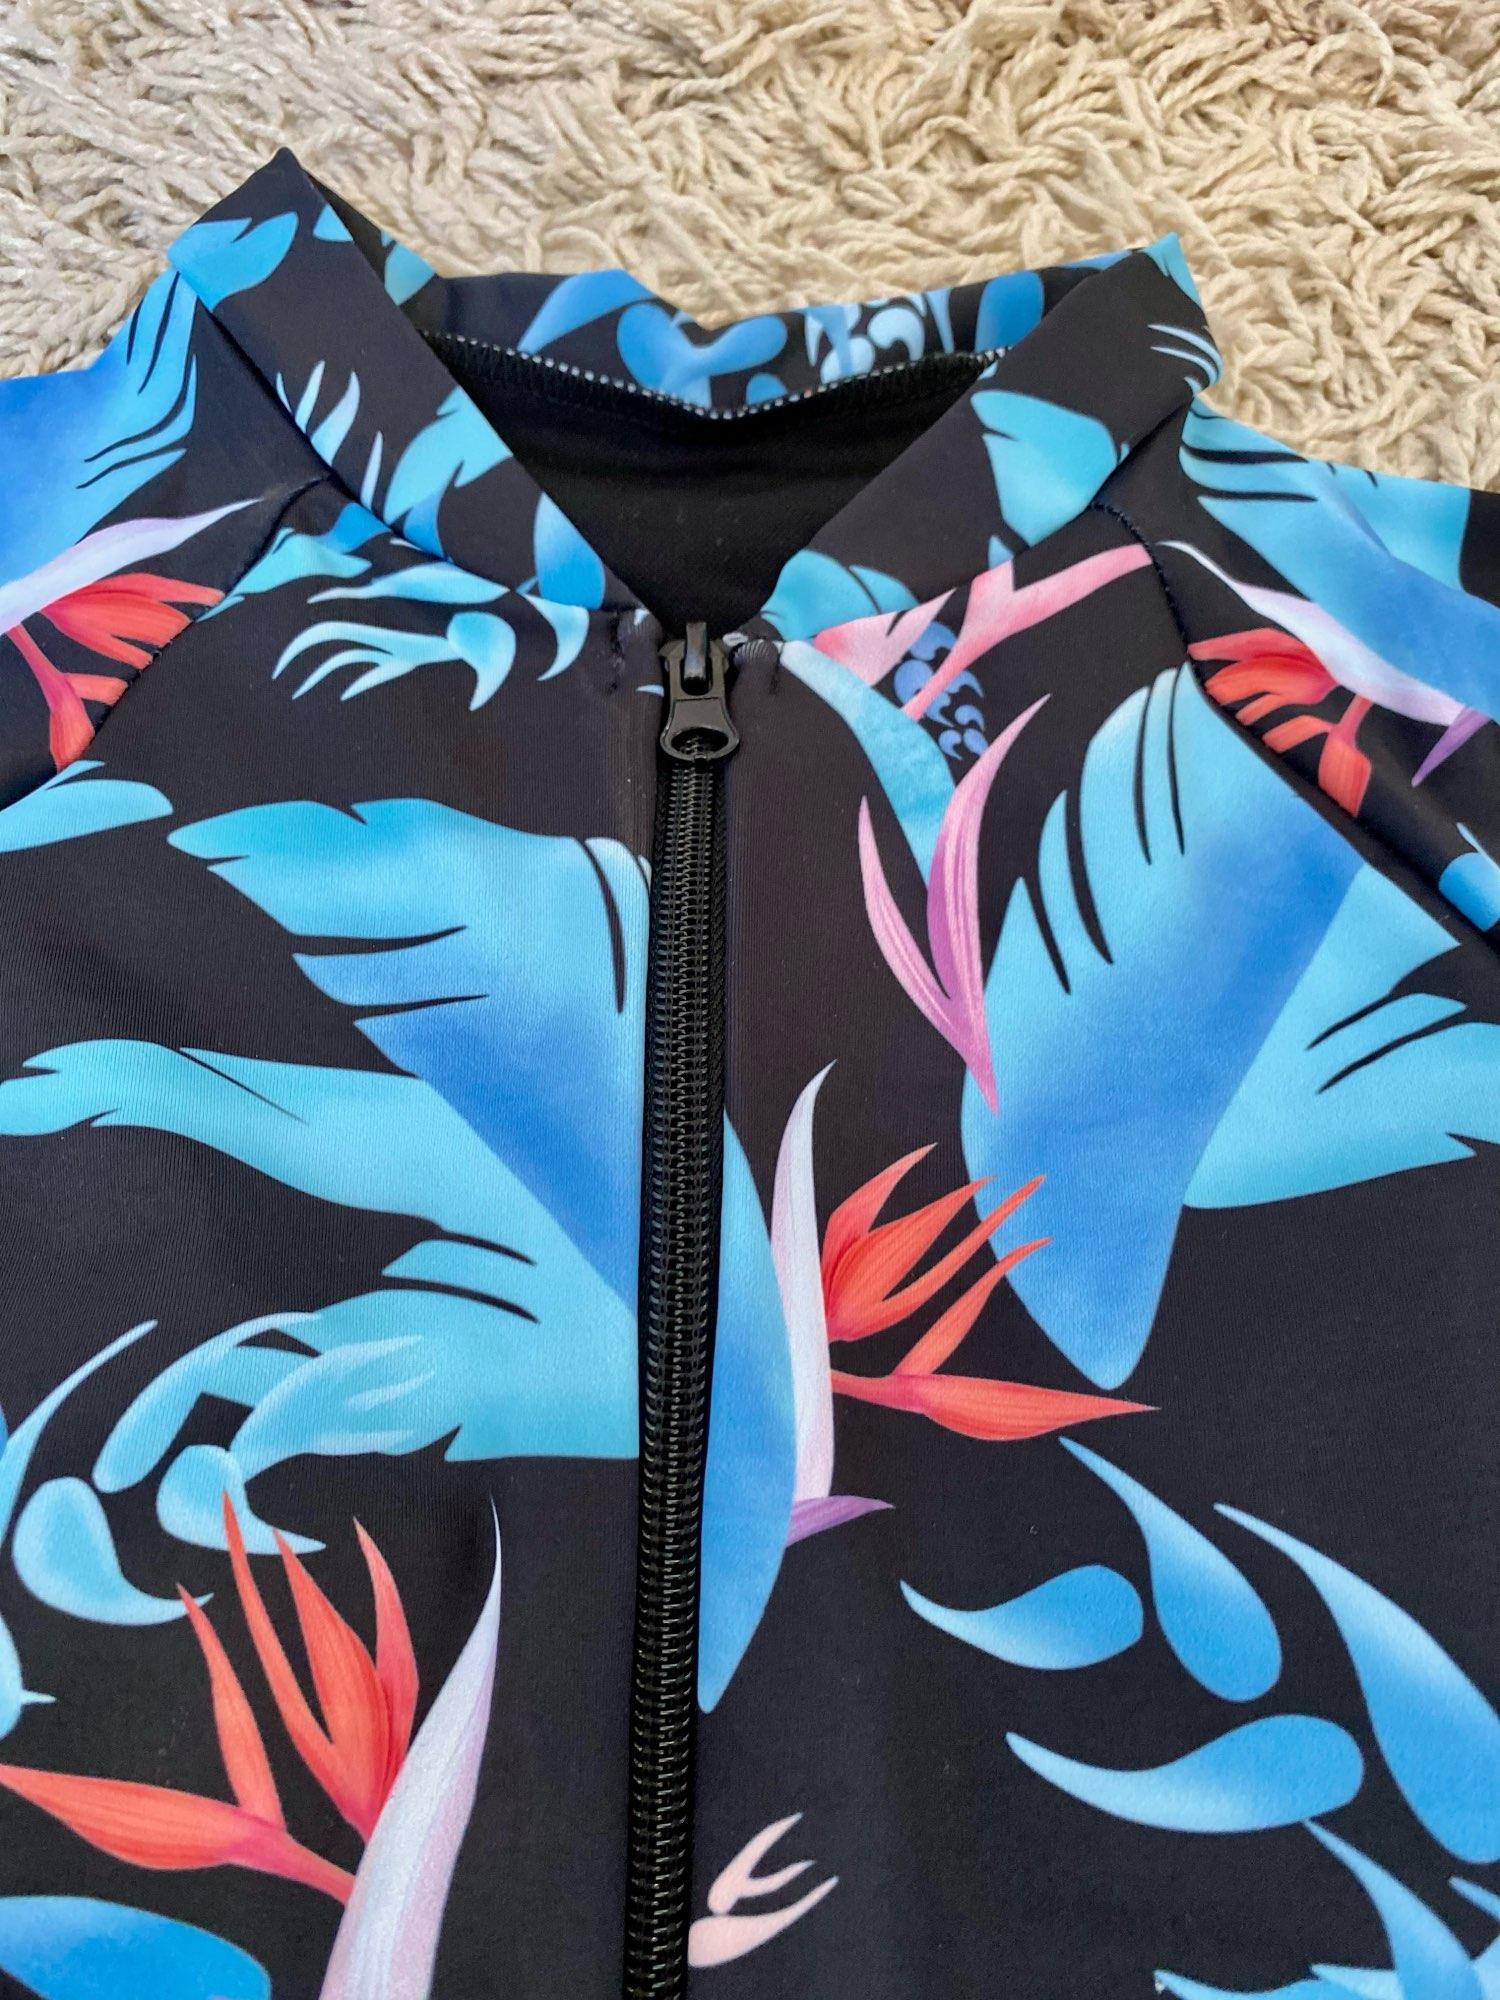 Print Floral One Piece Swimsuit Women Swimwear Monokini Long Sleeve Printed Female Bathing Suit Surfing Bodysuit Swim Wear Beach|beach swimming|swimwear swimmingbeach wear - AliExpress